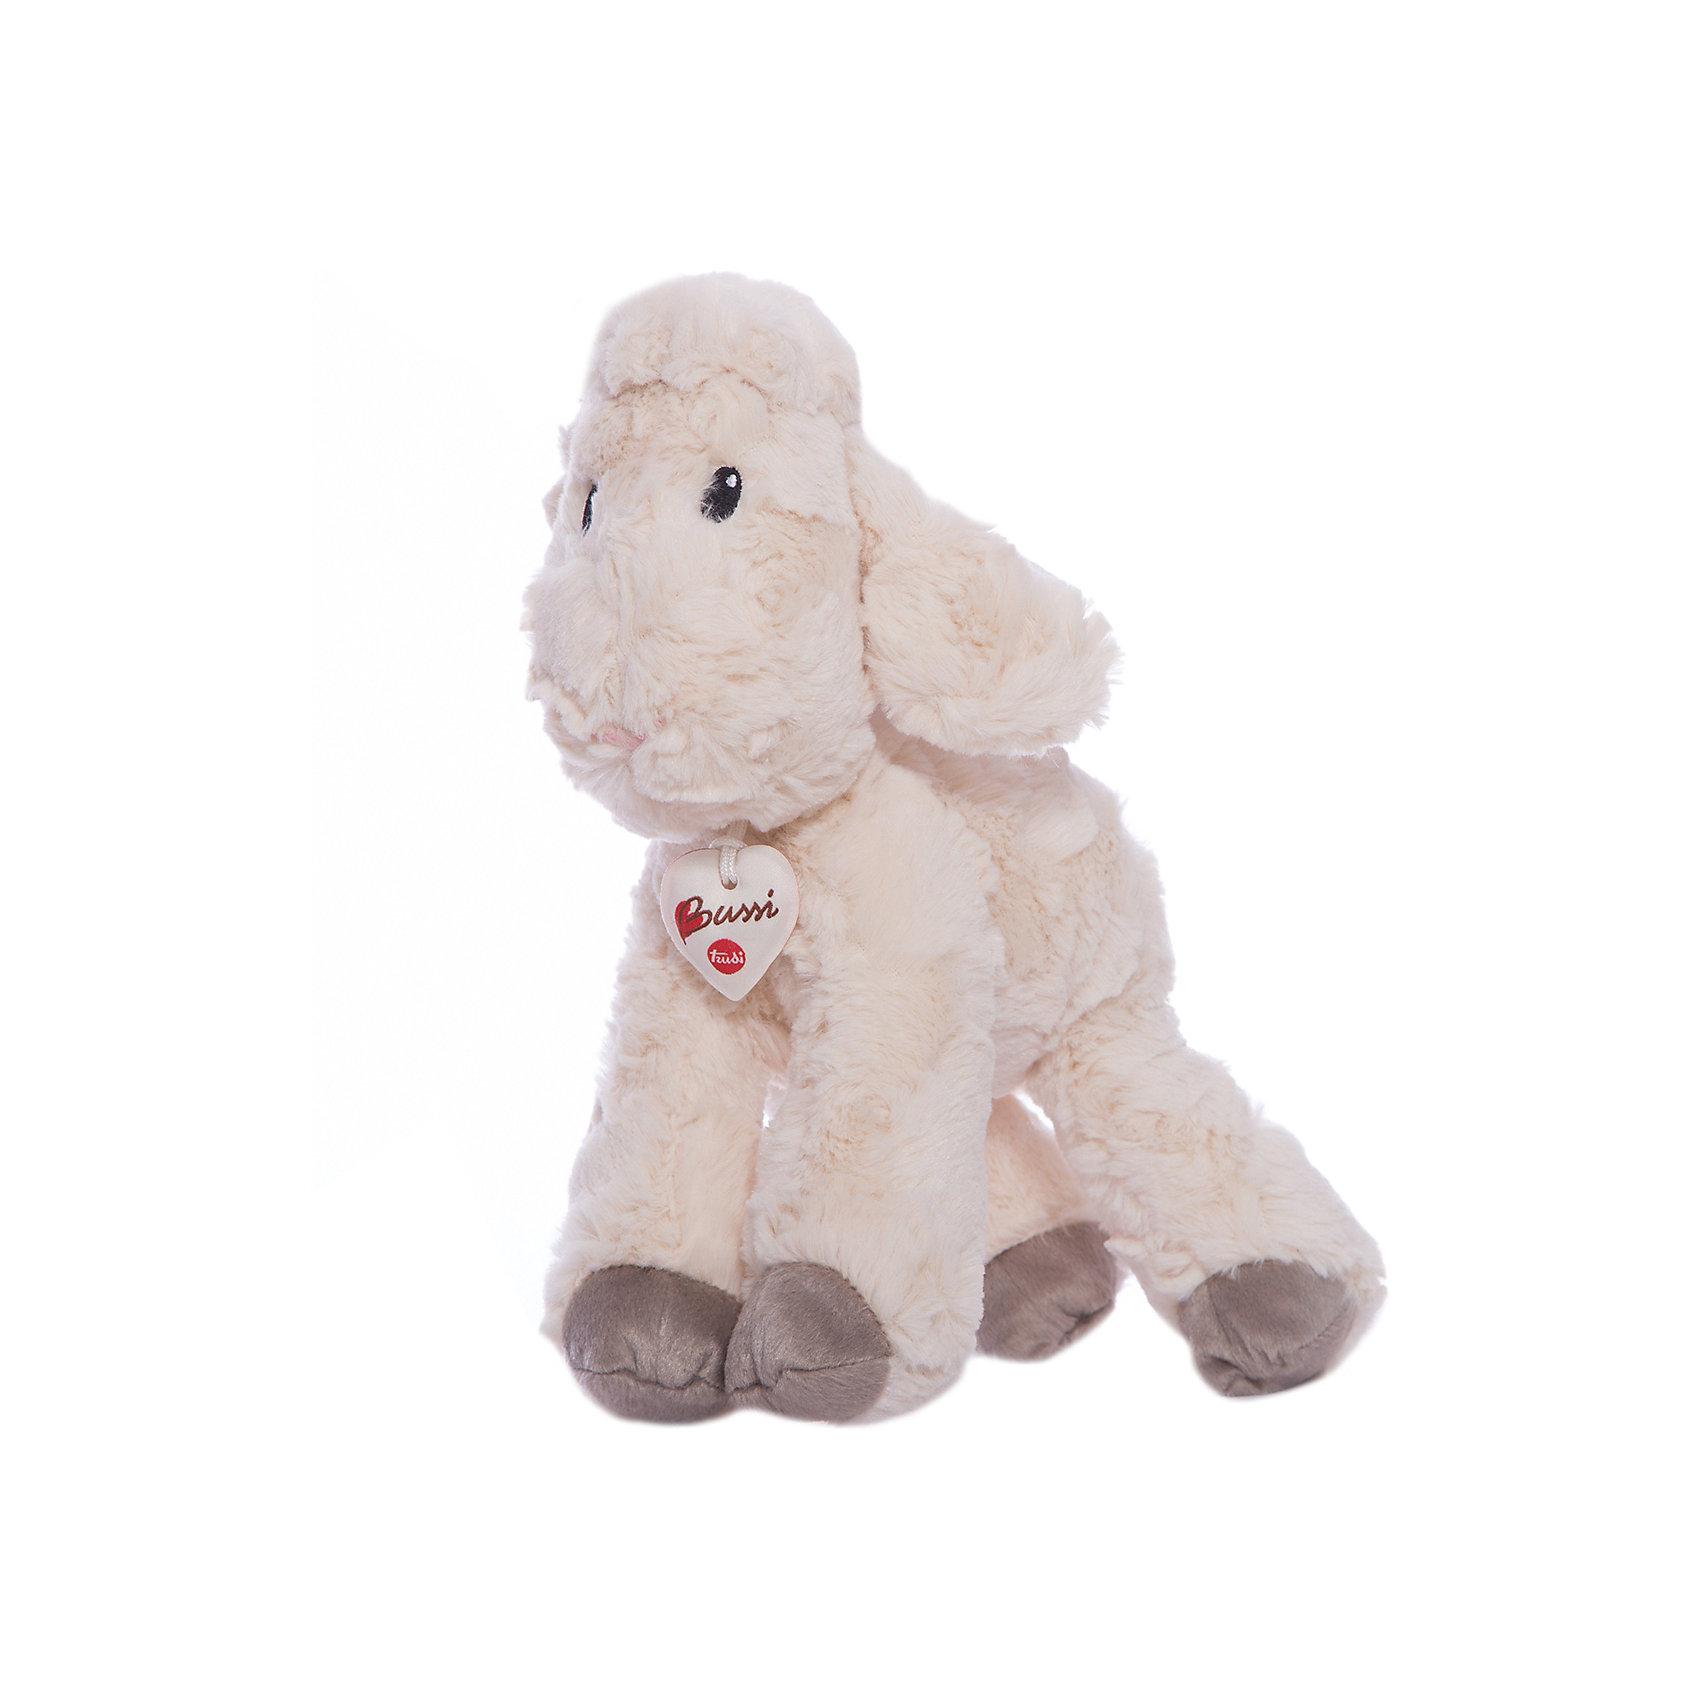 Белая овечка, 38 см, TrudiМягкие игрушки животные<br>Очаровательная овечка от Trudi станет лучшим другом вашему малышу! У милой овечки очень мягкая шерстка, маленький розовый носик, добрые озорные глаза - с ней будет очень весело играть днем и спокойно и уютно засыпать ночью. Игрушка изготовлена из высококачественных нетоксичных, экологичных материалов абсолютно безопасных для детей. Благодаря тщательной проработке всех деталей, кошка выглядит очень реалистично, что, несомненно, порадует ребенка. Прекрасный подарок на любой праздник!<br><br>Дополнительная информация:<br><br>- Материал: плюш, пластик, текстиль, искусственный мех. <br>- Высота: 38 см. <br>- Допускается машинная стирка при деликатной режиме (30 ?).<br><br>Белую овечку, 38 см, Trudi (Труди), можно купить в нашем магазине.<br><br>Ширина мм: 280<br>Глубина мм: 250<br>Высота мм: 380<br>Вес г: 250<br>Возраст от месяцев: 12<br>Возраст до месяцев: 2147483647<br>Пол: Унисекс<br>Возраст: Детский<br>SKU: 5055250